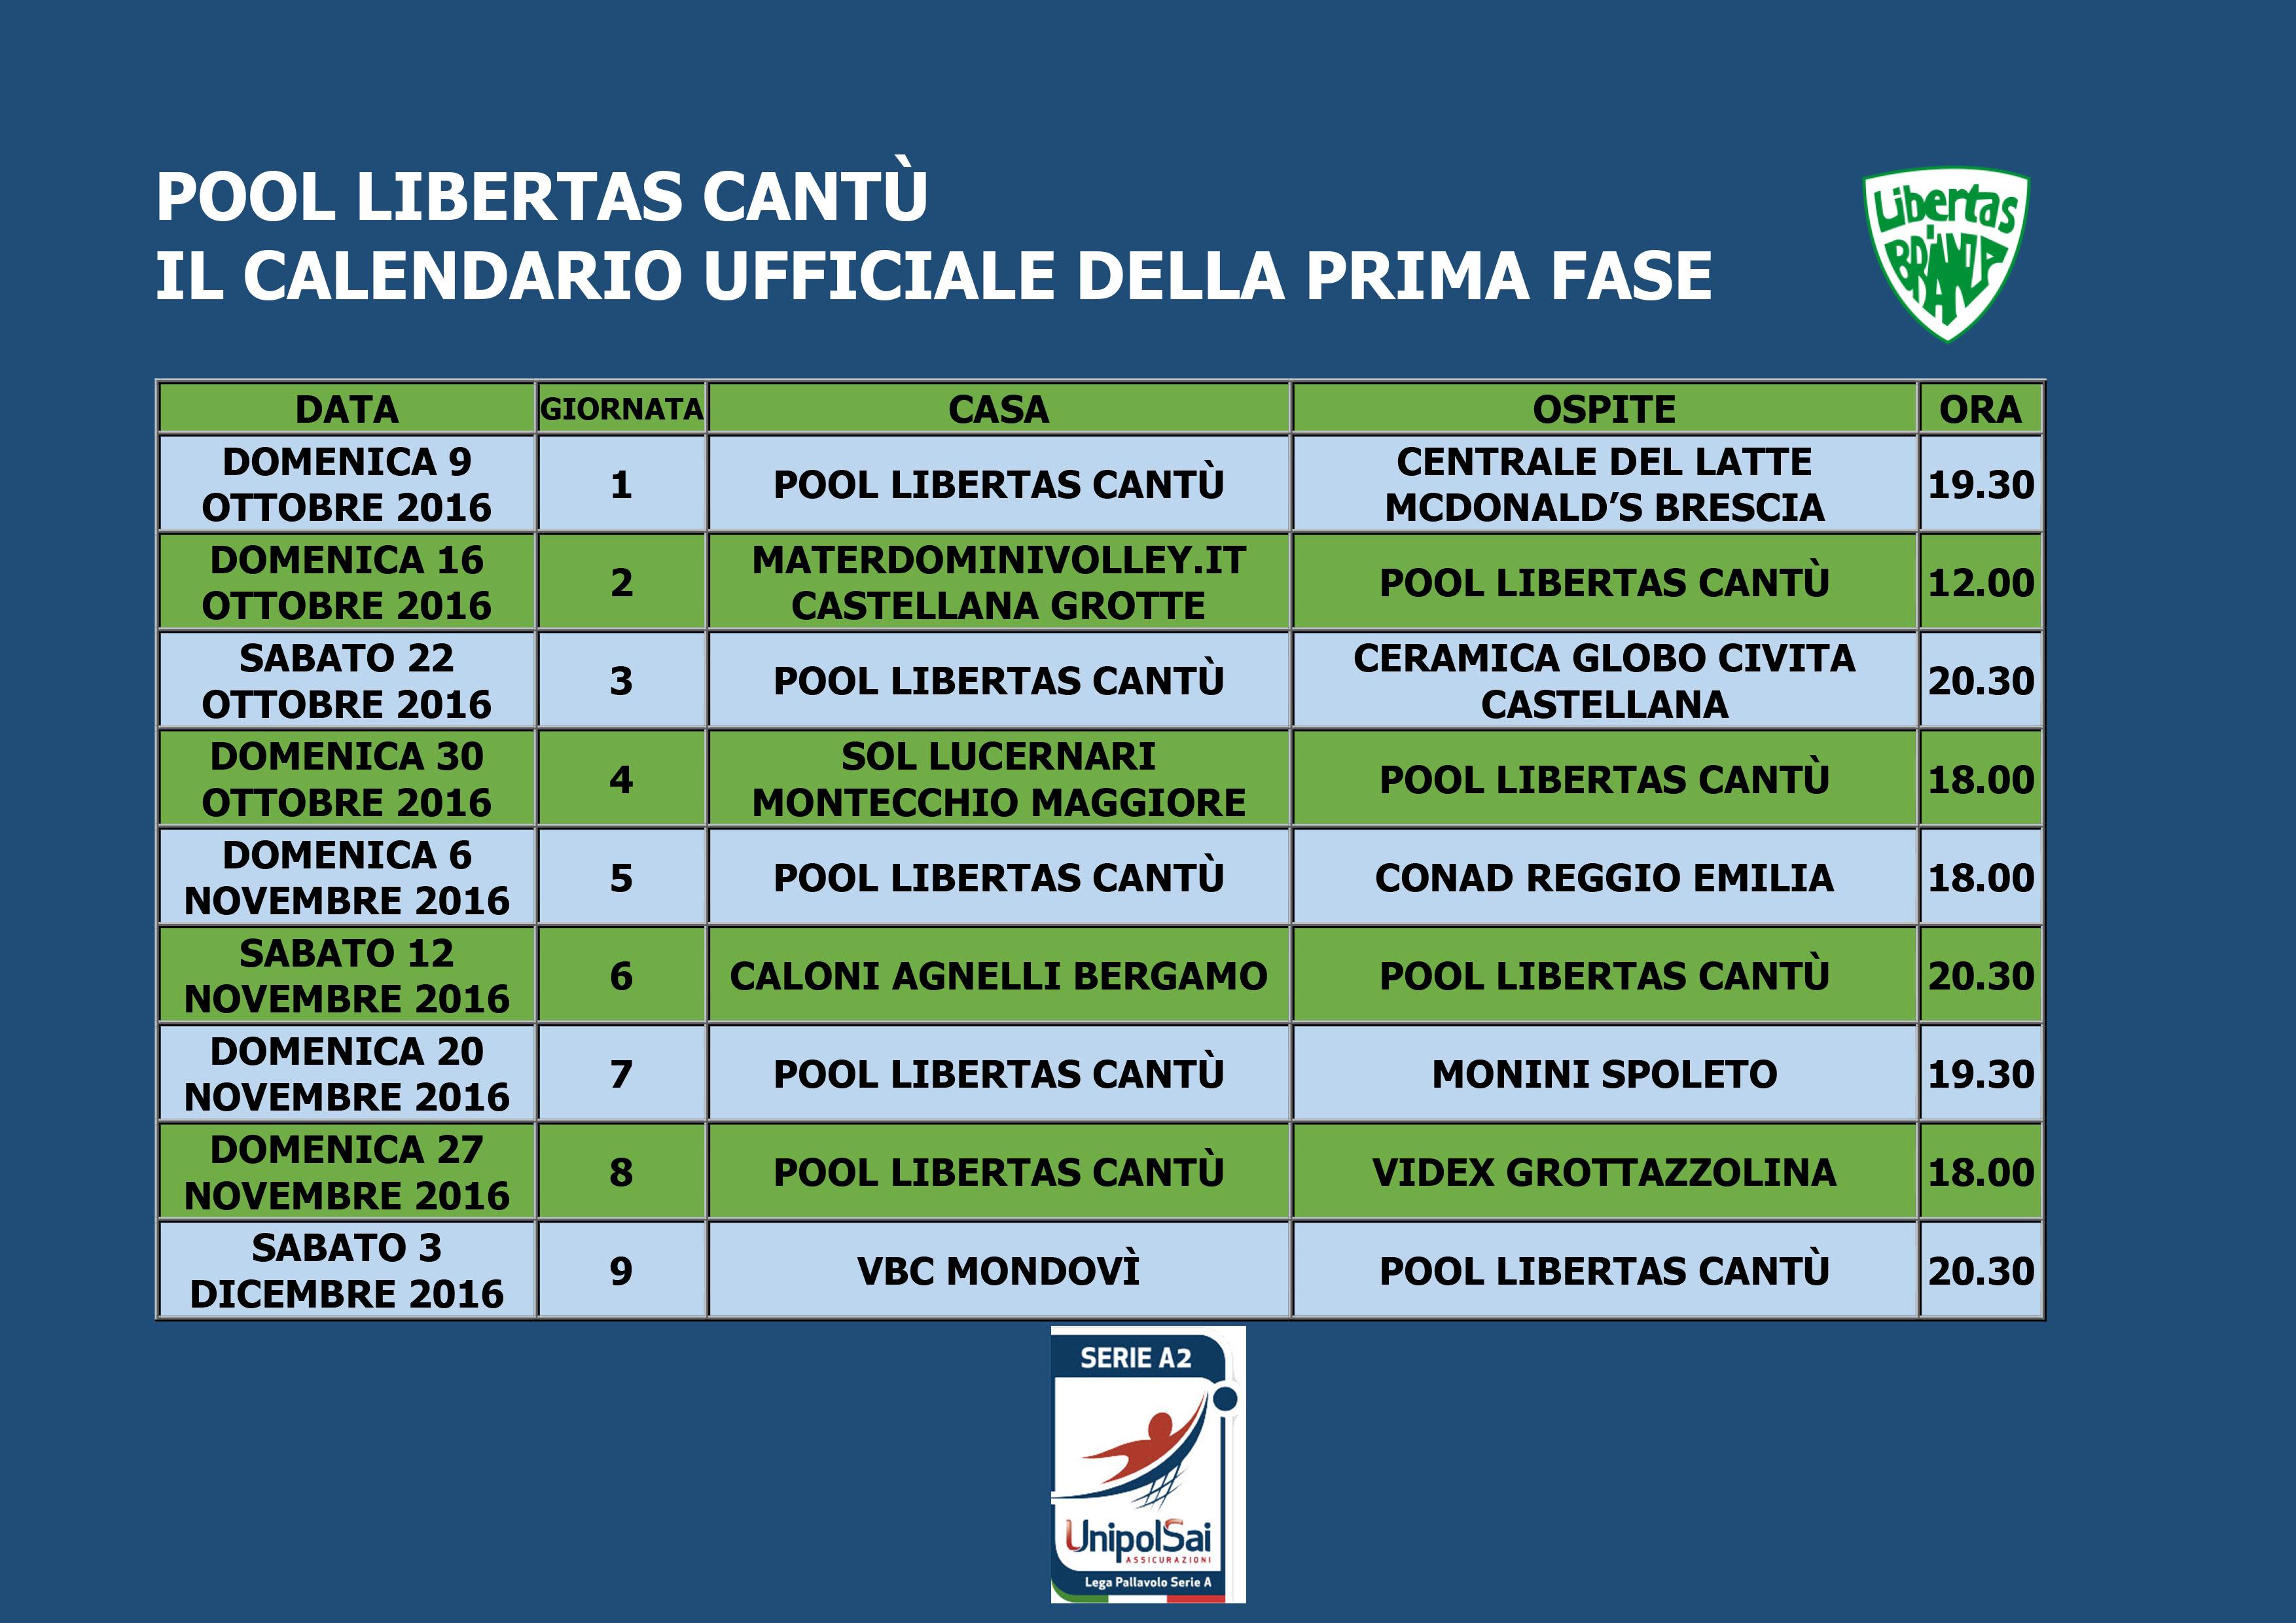 Calendario Serie A 16 Ottobre.Pallavolo Libertas Cantu Sito Ufficiale Ecco Il